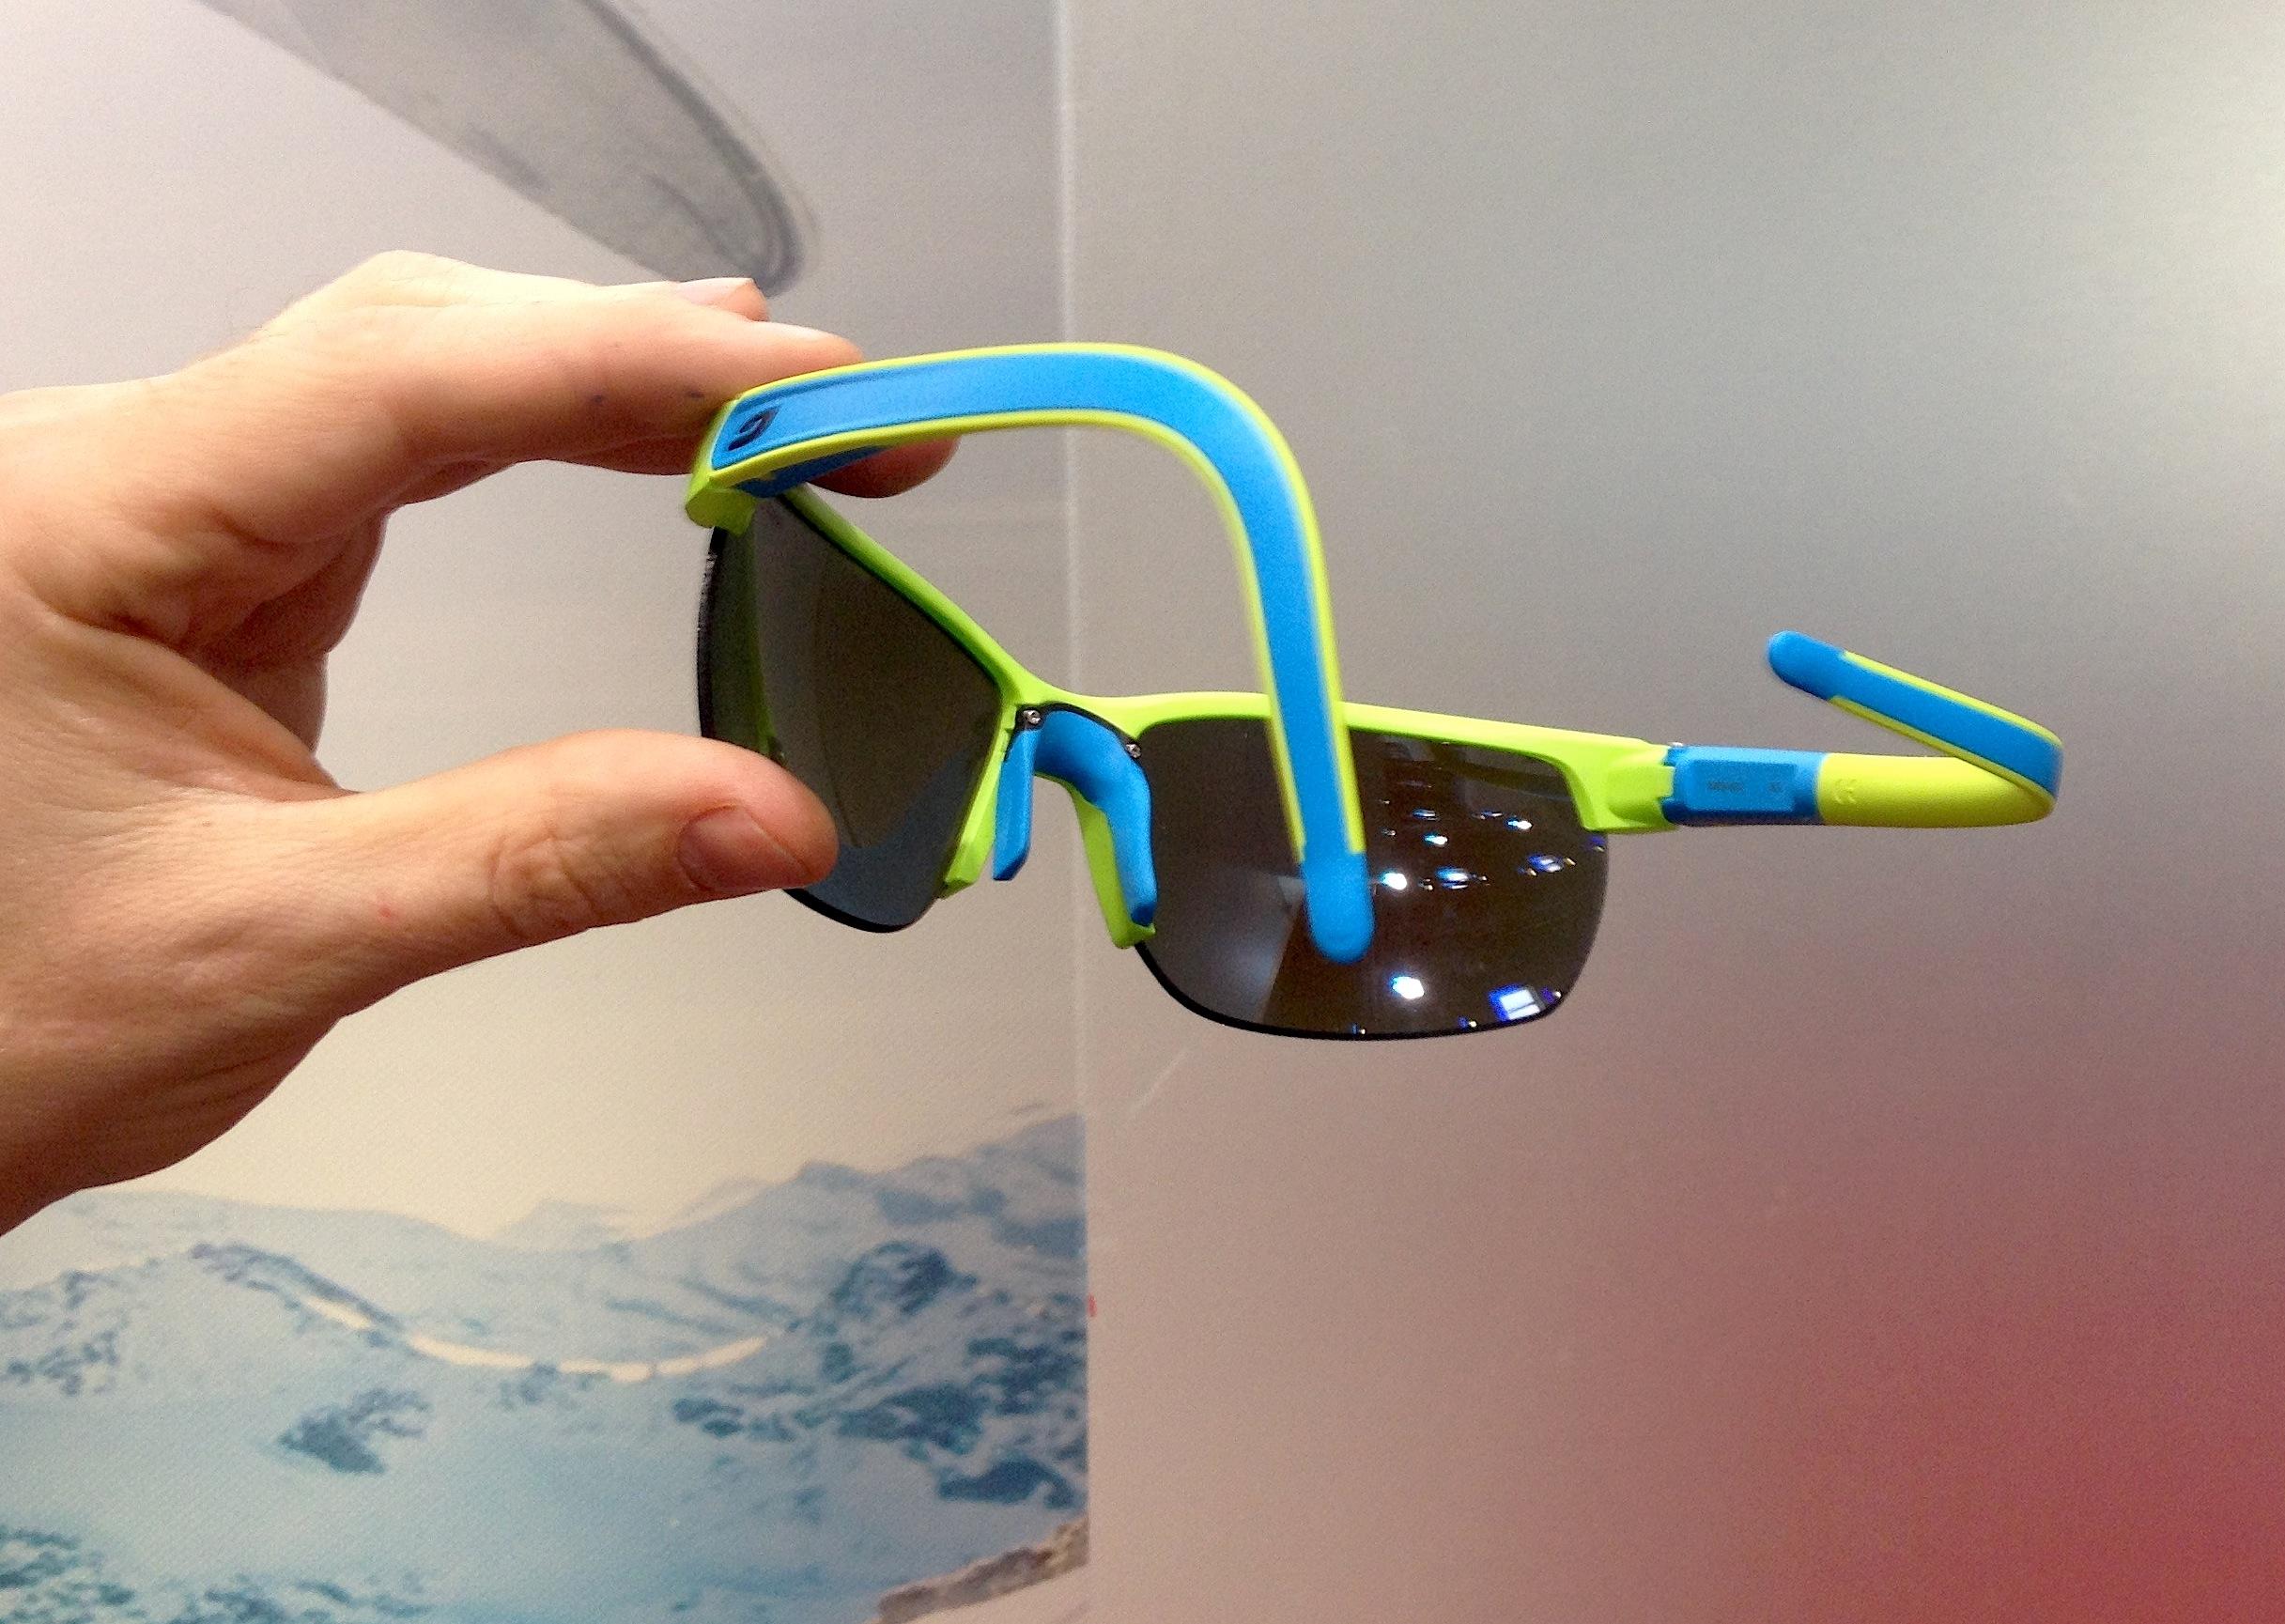 01a9bc57f0 Requisitos de las gafas de sol para deportes de montaña